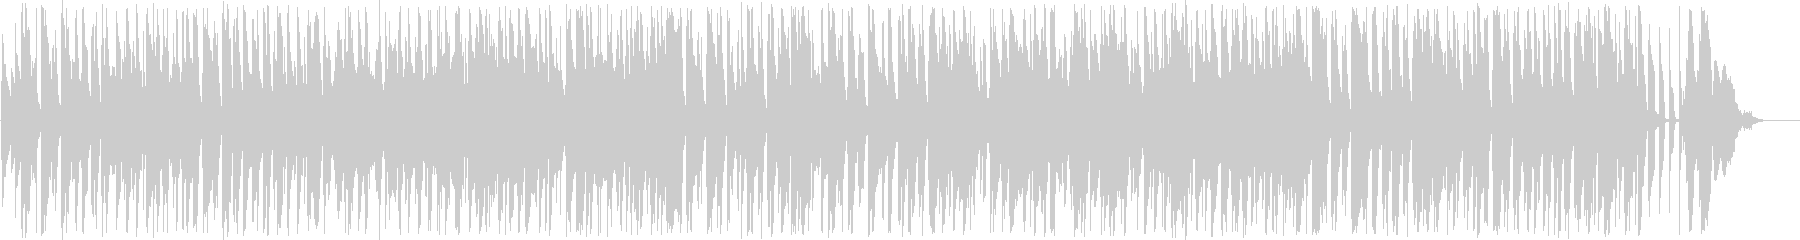 ロコガール ウクレレ インストの未再生の波形